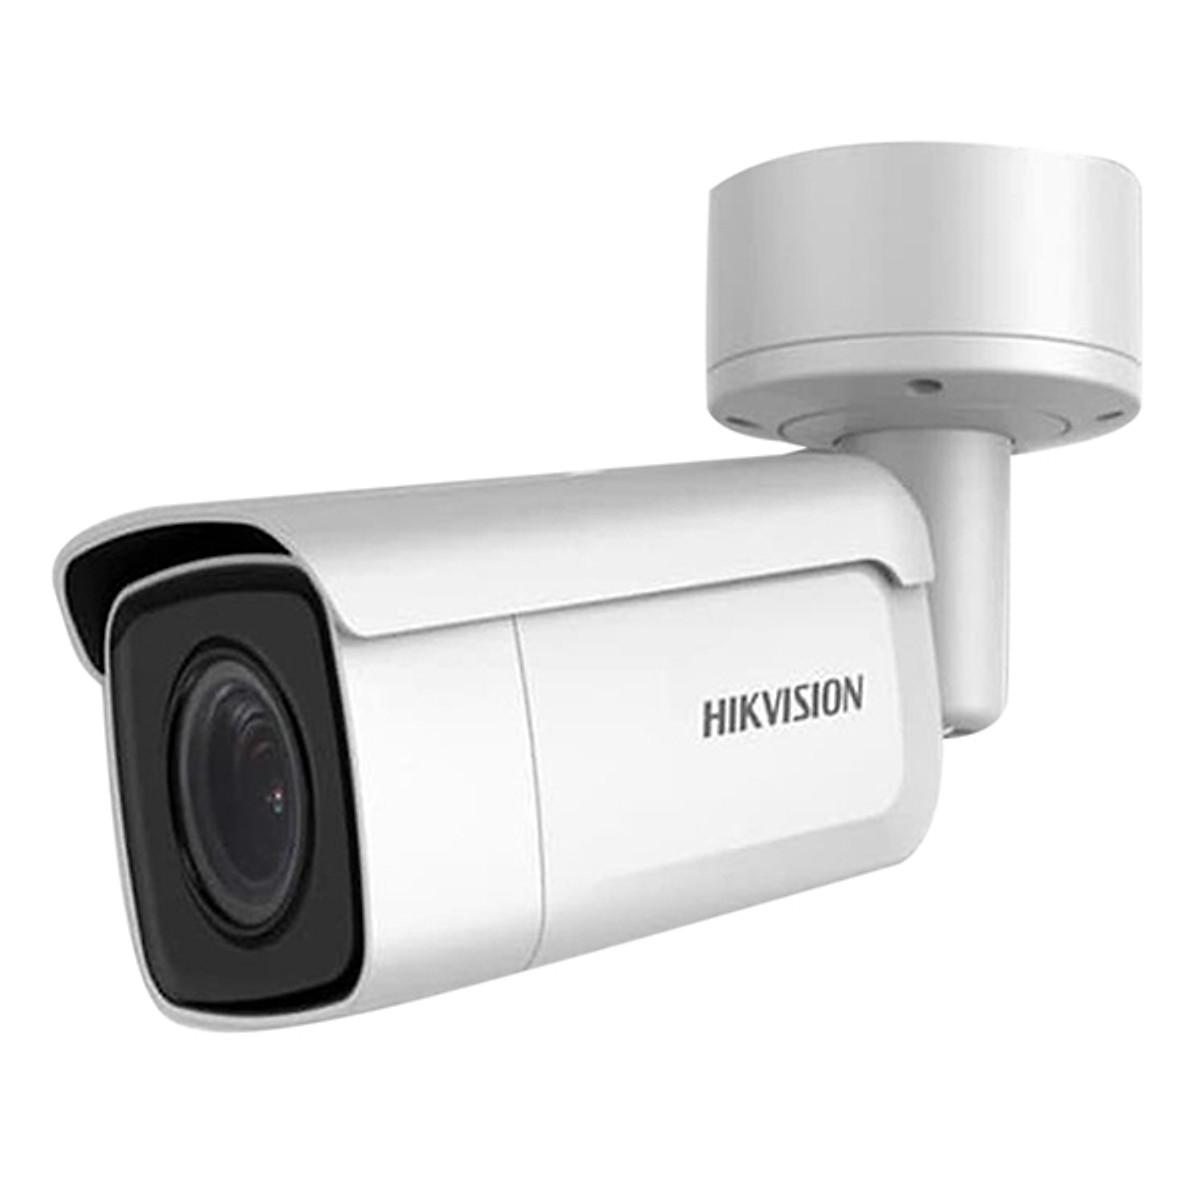 Camera IP Hồng Ngoại 4MP Hikvision DS-2CD2643G0-IZS – Hàng Nhập Khẩu